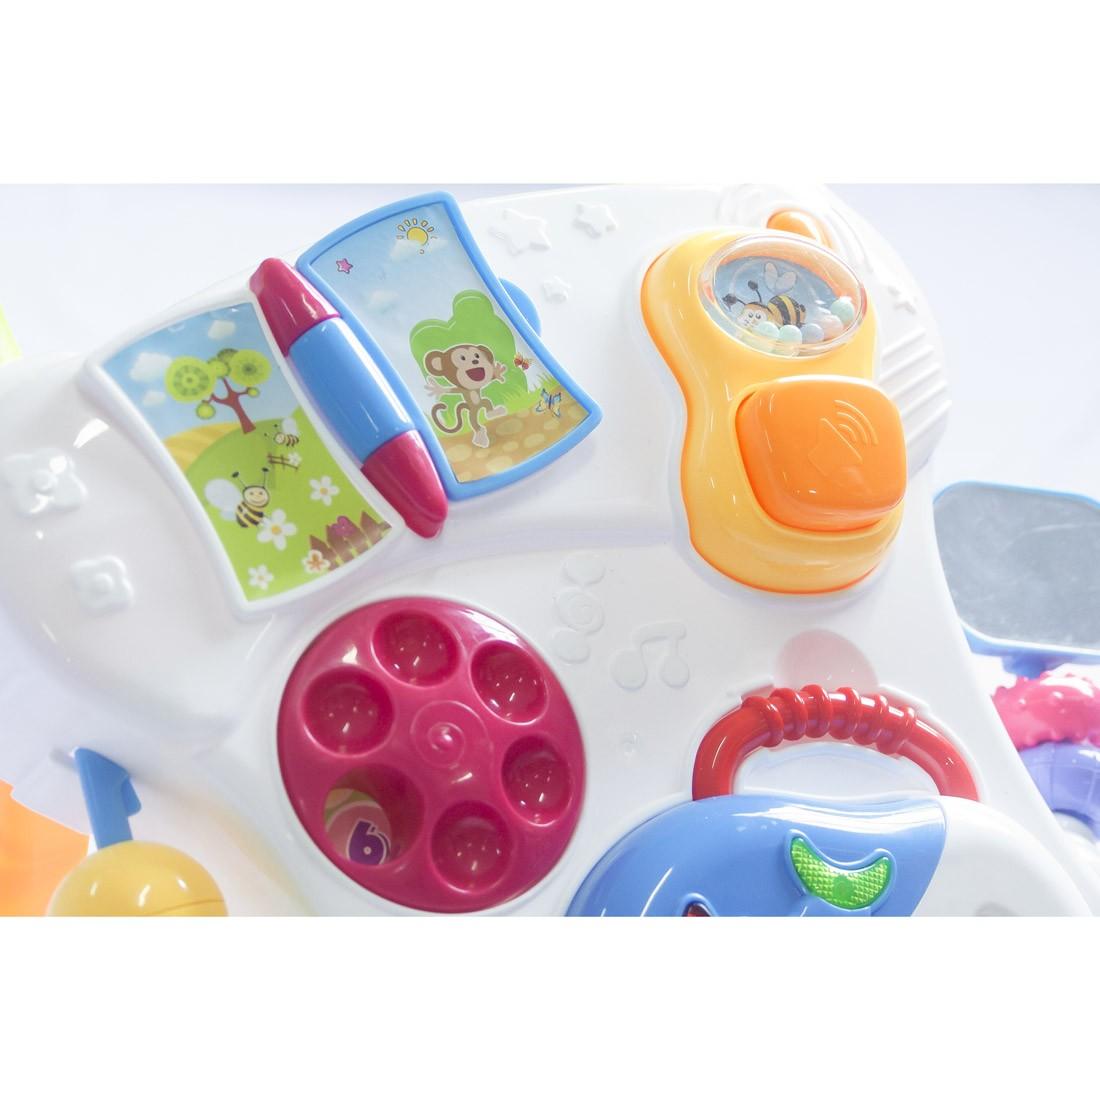 Andador Educativo Musical Didático 8 brinquedos Baby Style